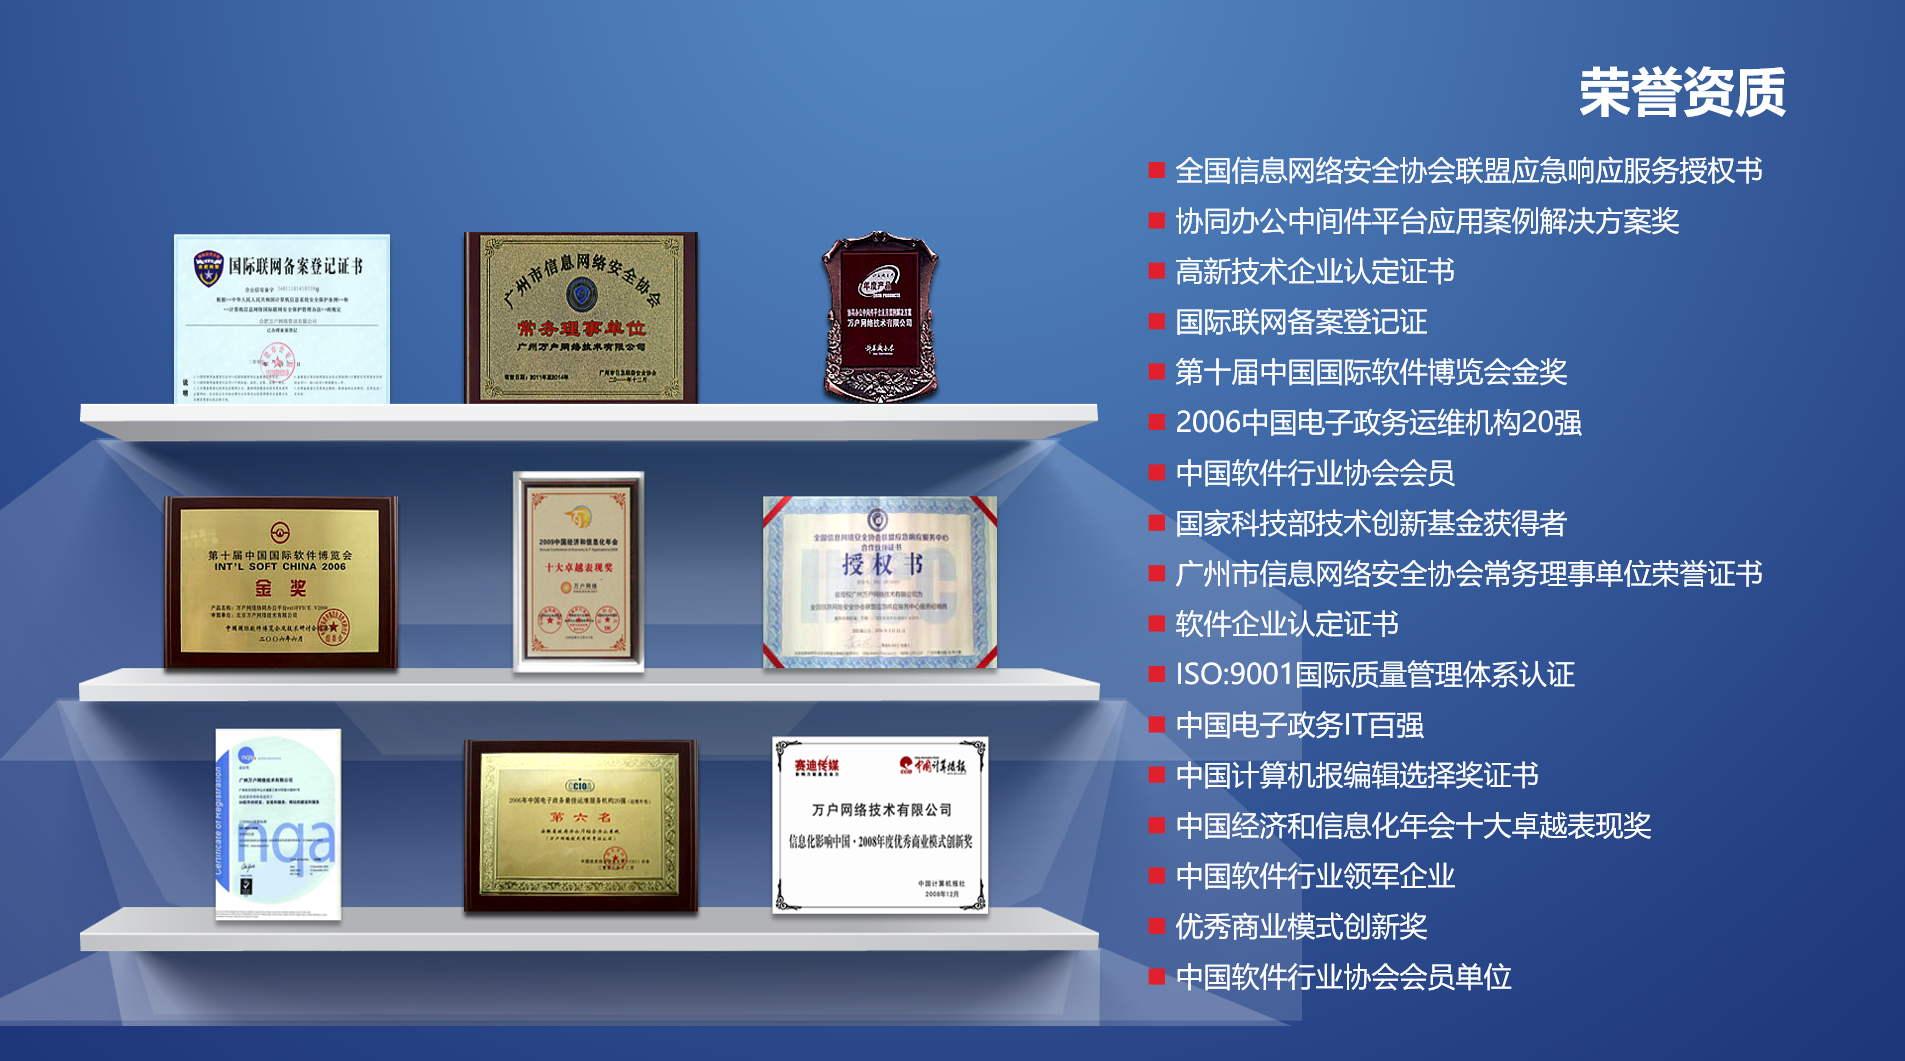 _公司企业网站建设官网响应式营销型网站定制开发制作设计商城改版27